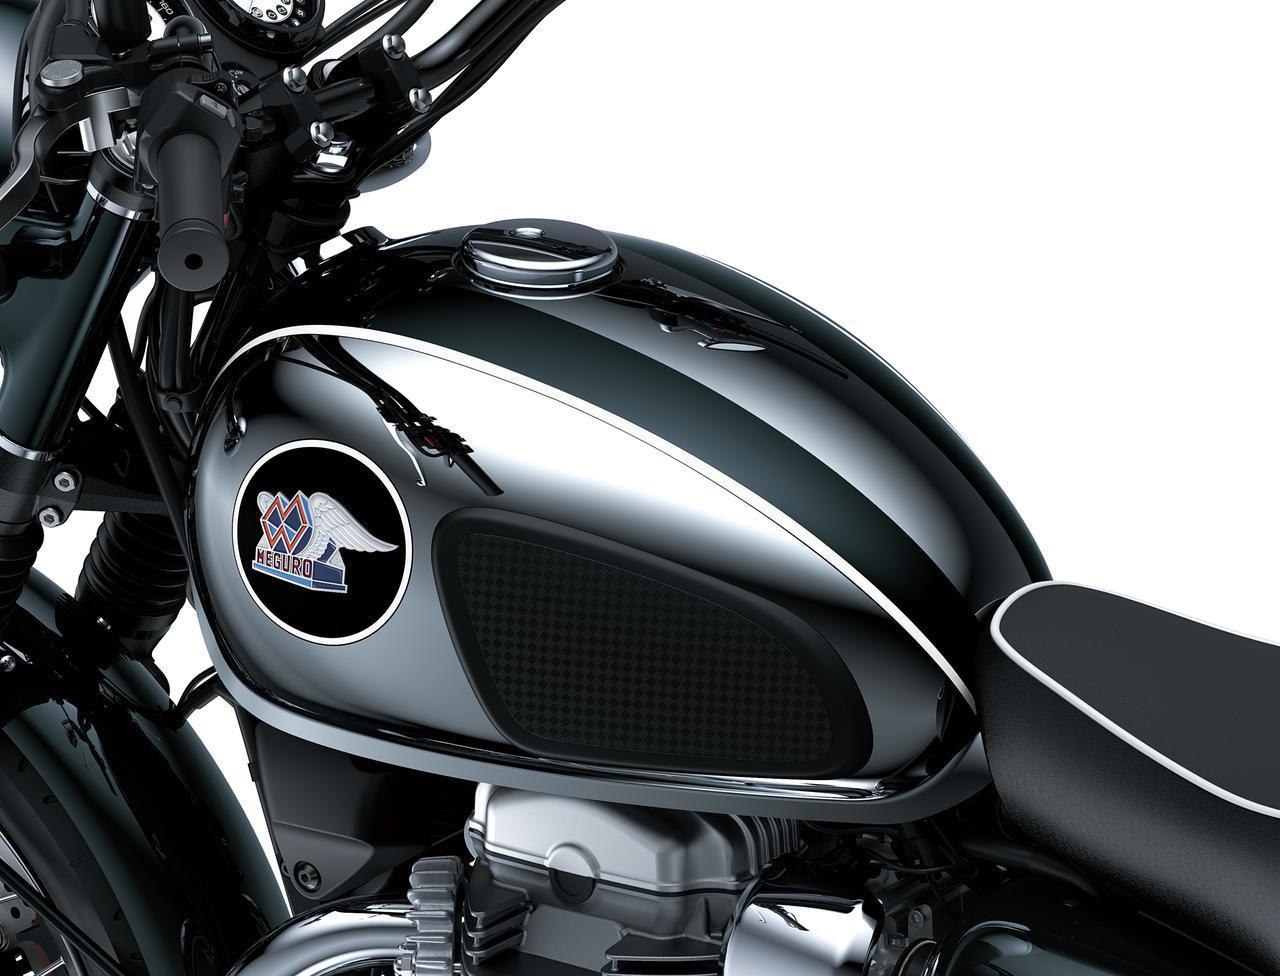 画像2: カワサキが「メグロK3」の2022年モデルを発表|最新の排ガス規制に適合させ現役続行! 令和の時代を走る空冷2気筒大型バイク